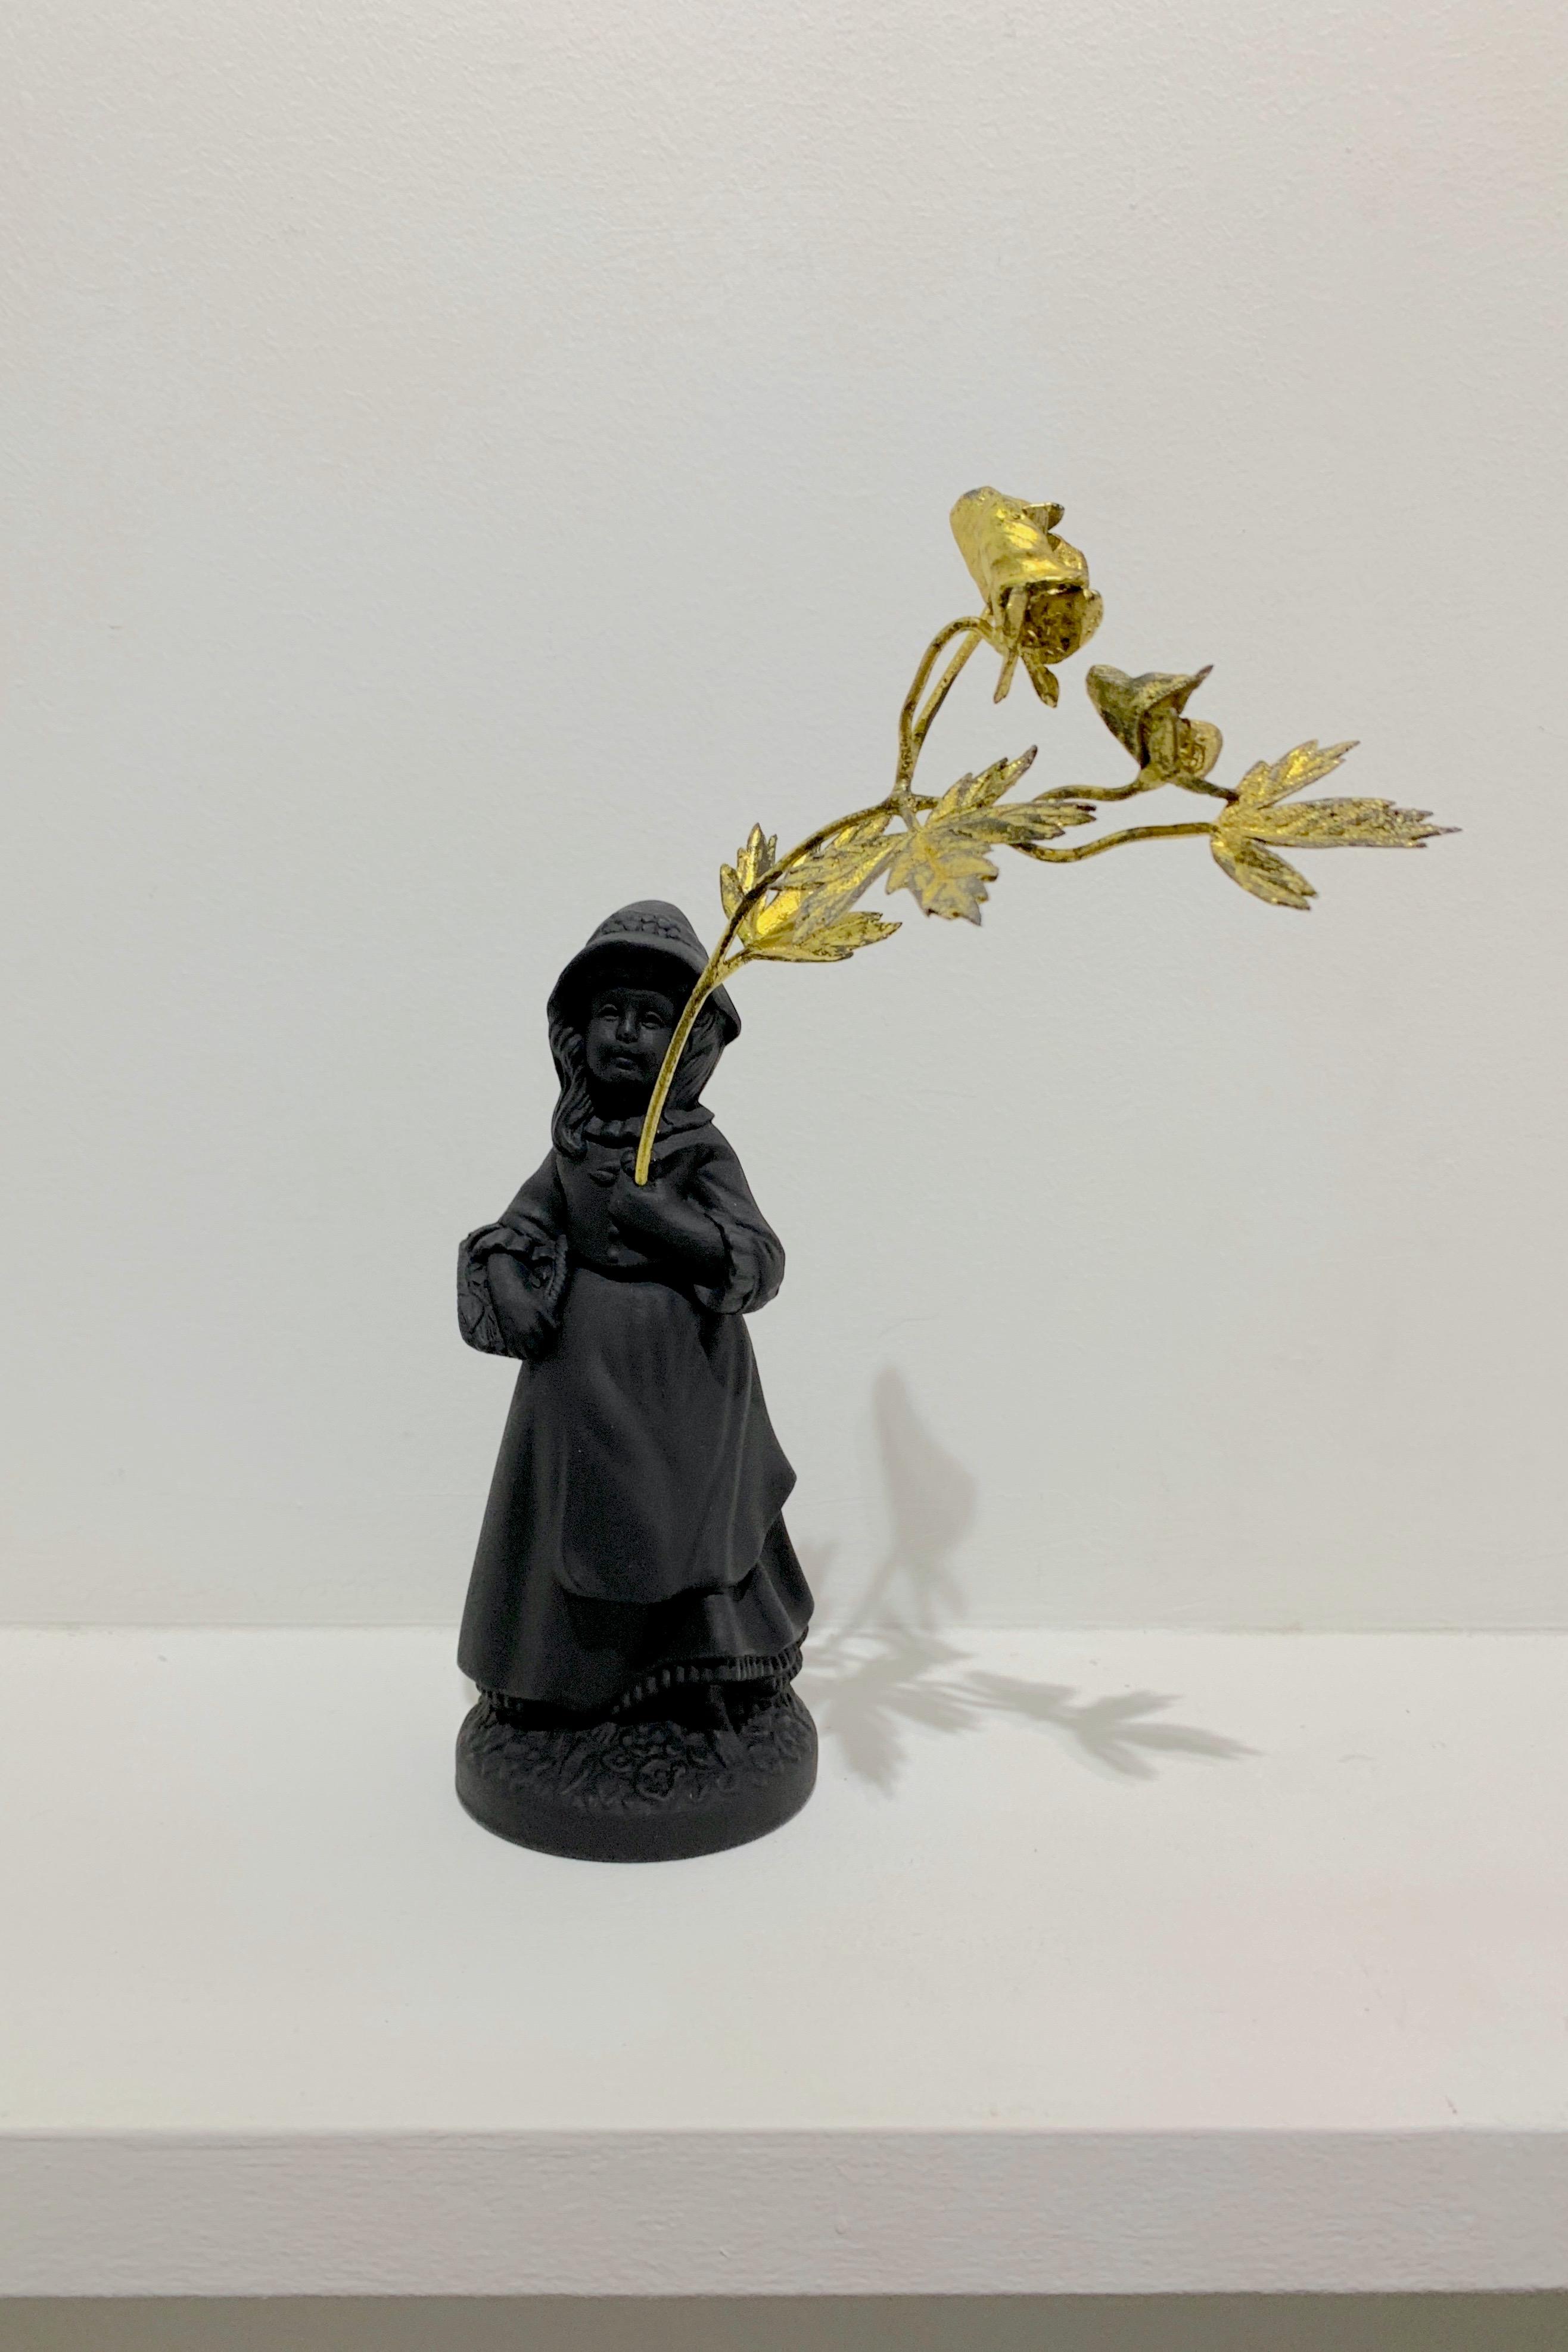 《花を持つ少女》A Girl with a Flower